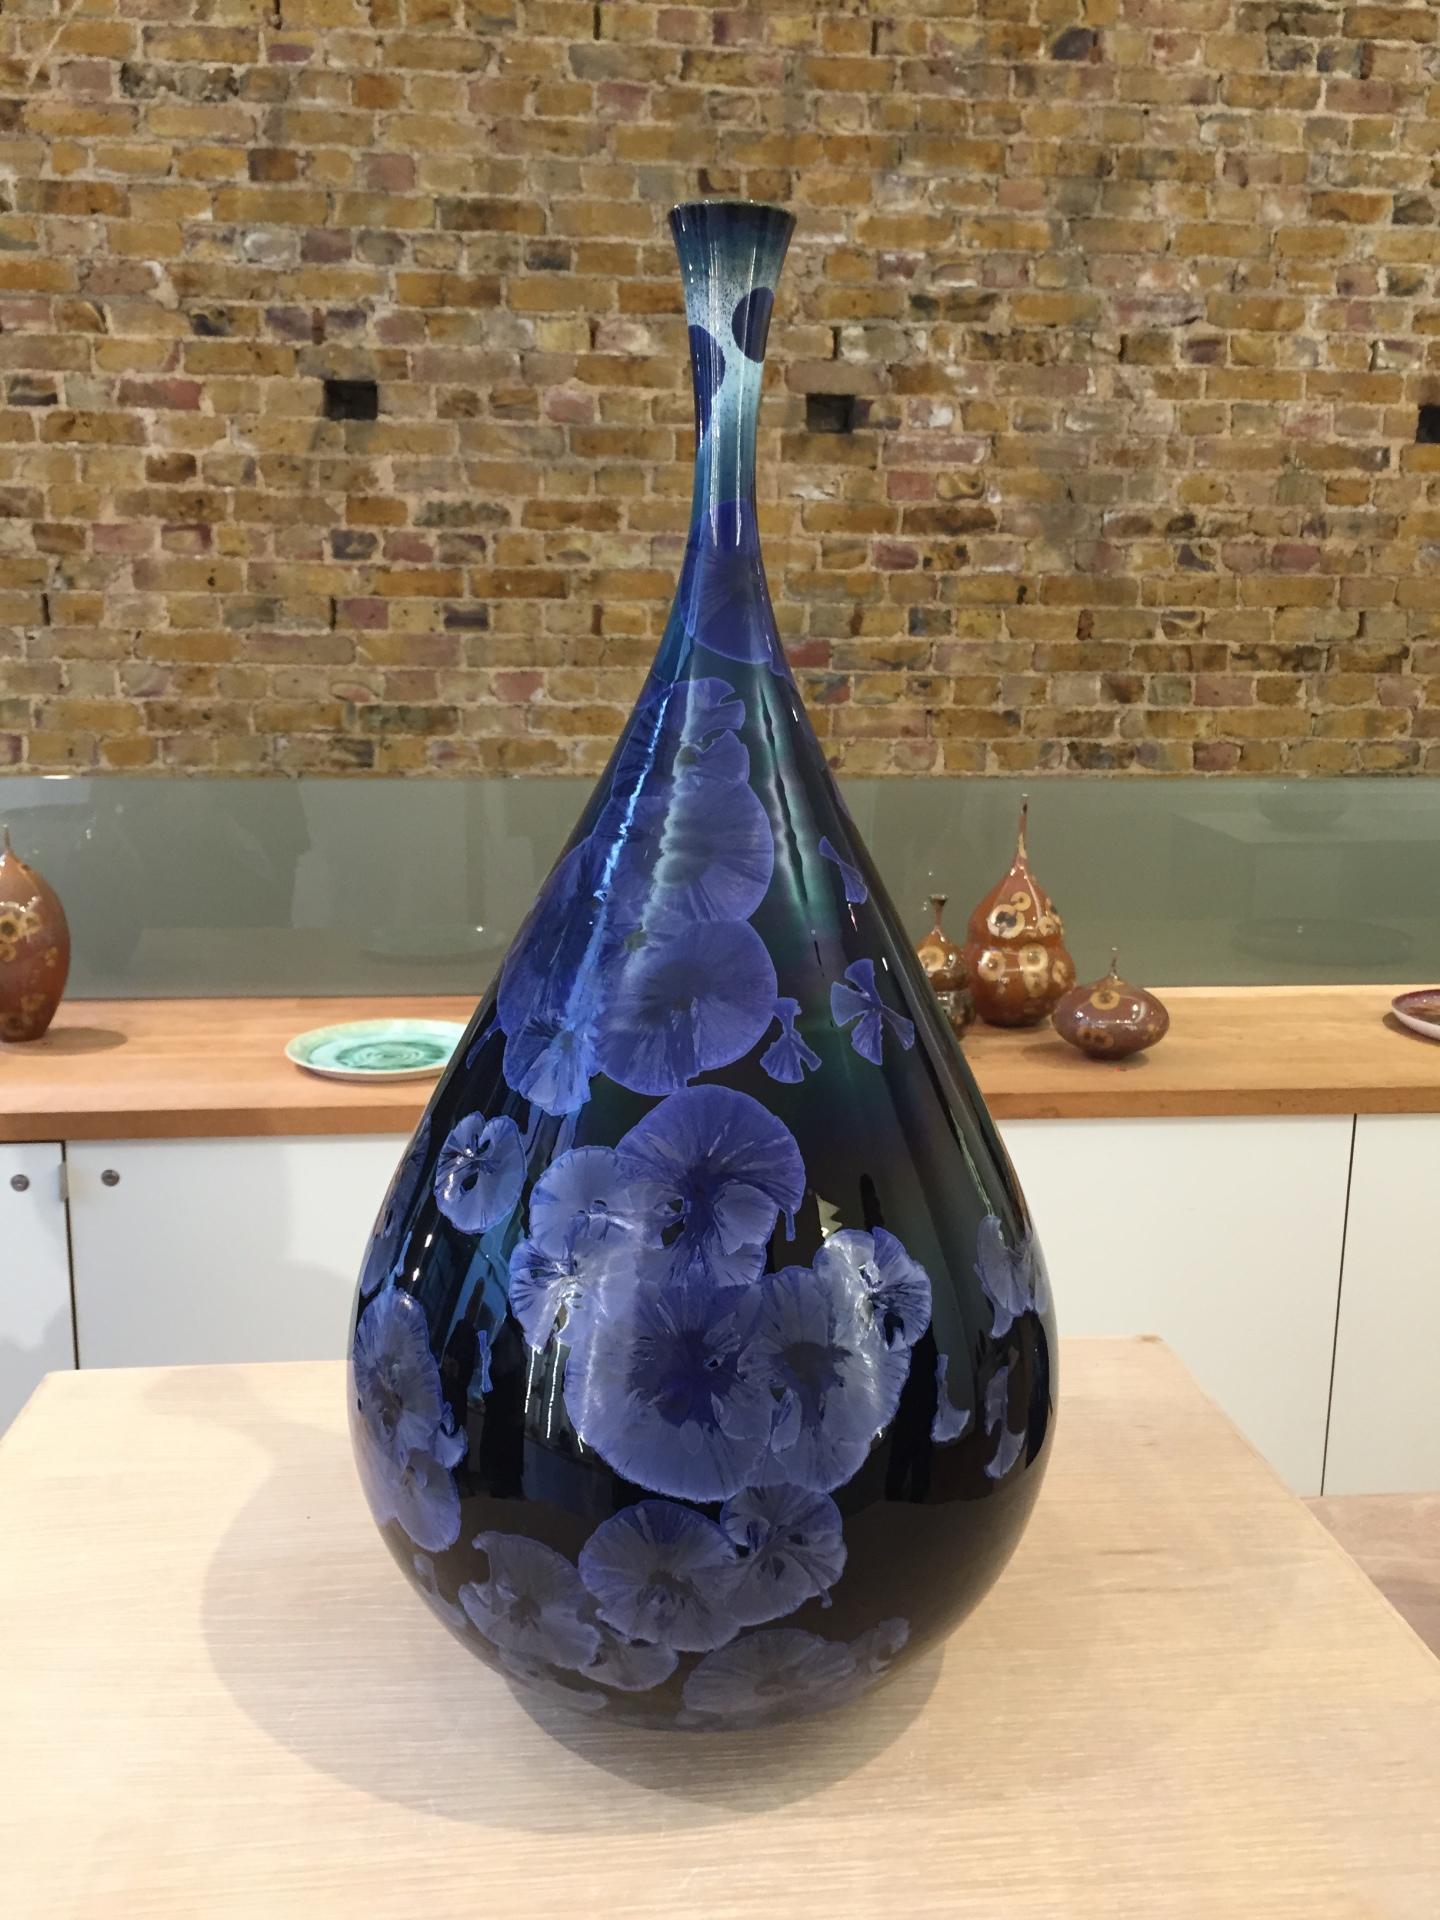 Matt Horne: Large Vase Vessel